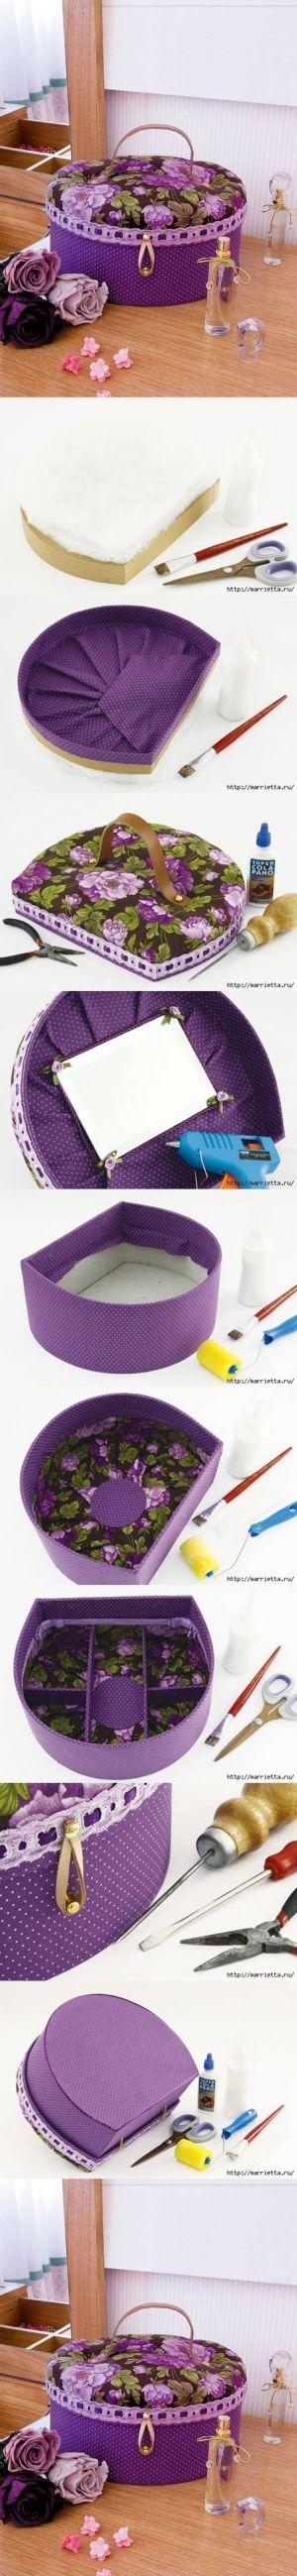 DIY Cute Makeup Box DIY Cute Makeup Box by diyforever